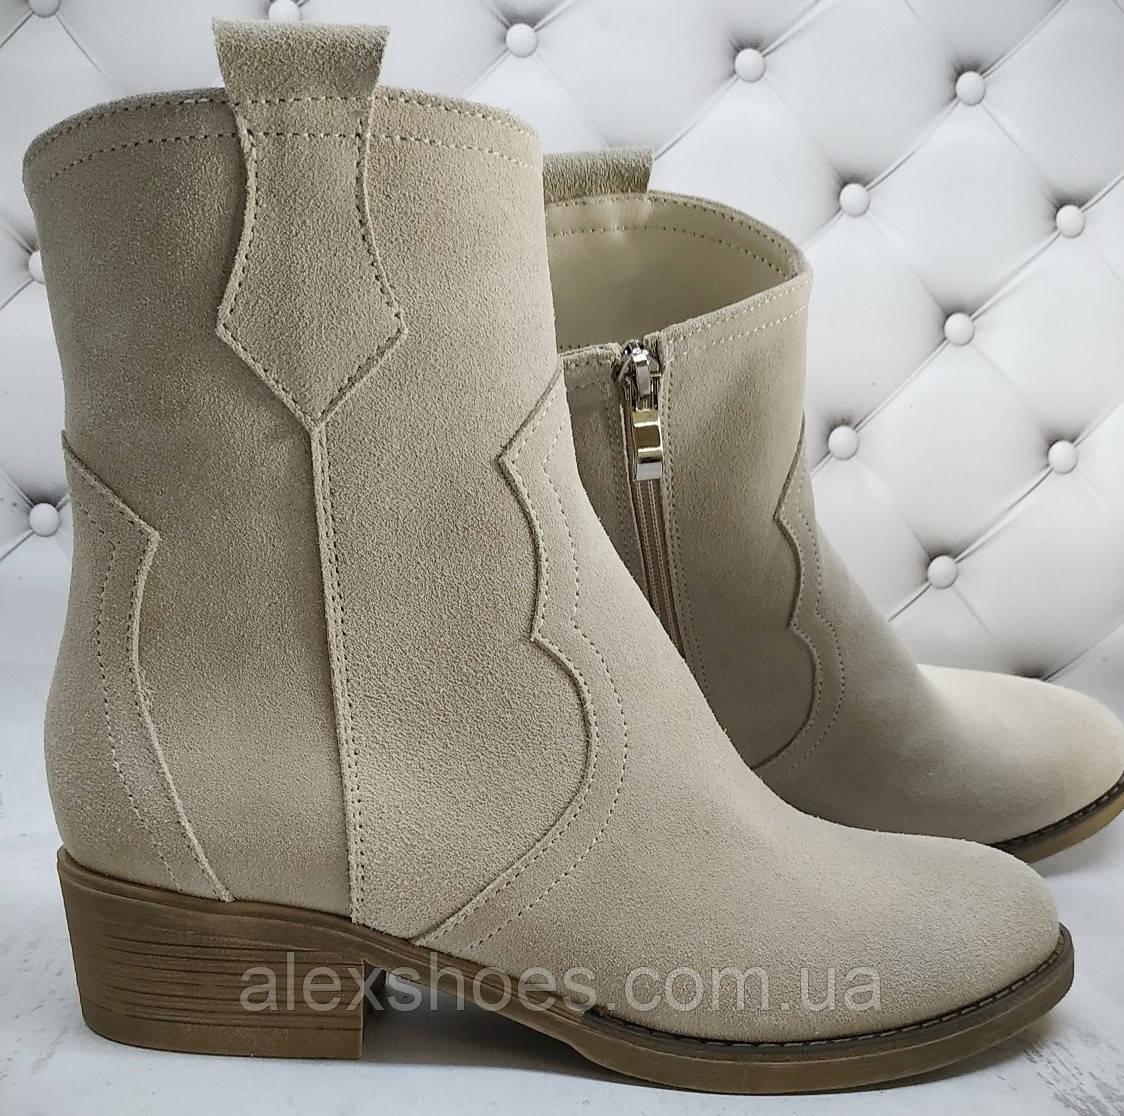 Ботинки женские зимние на устойчивом каблуке из натуральной замши от производителя модель НИ304-6-6